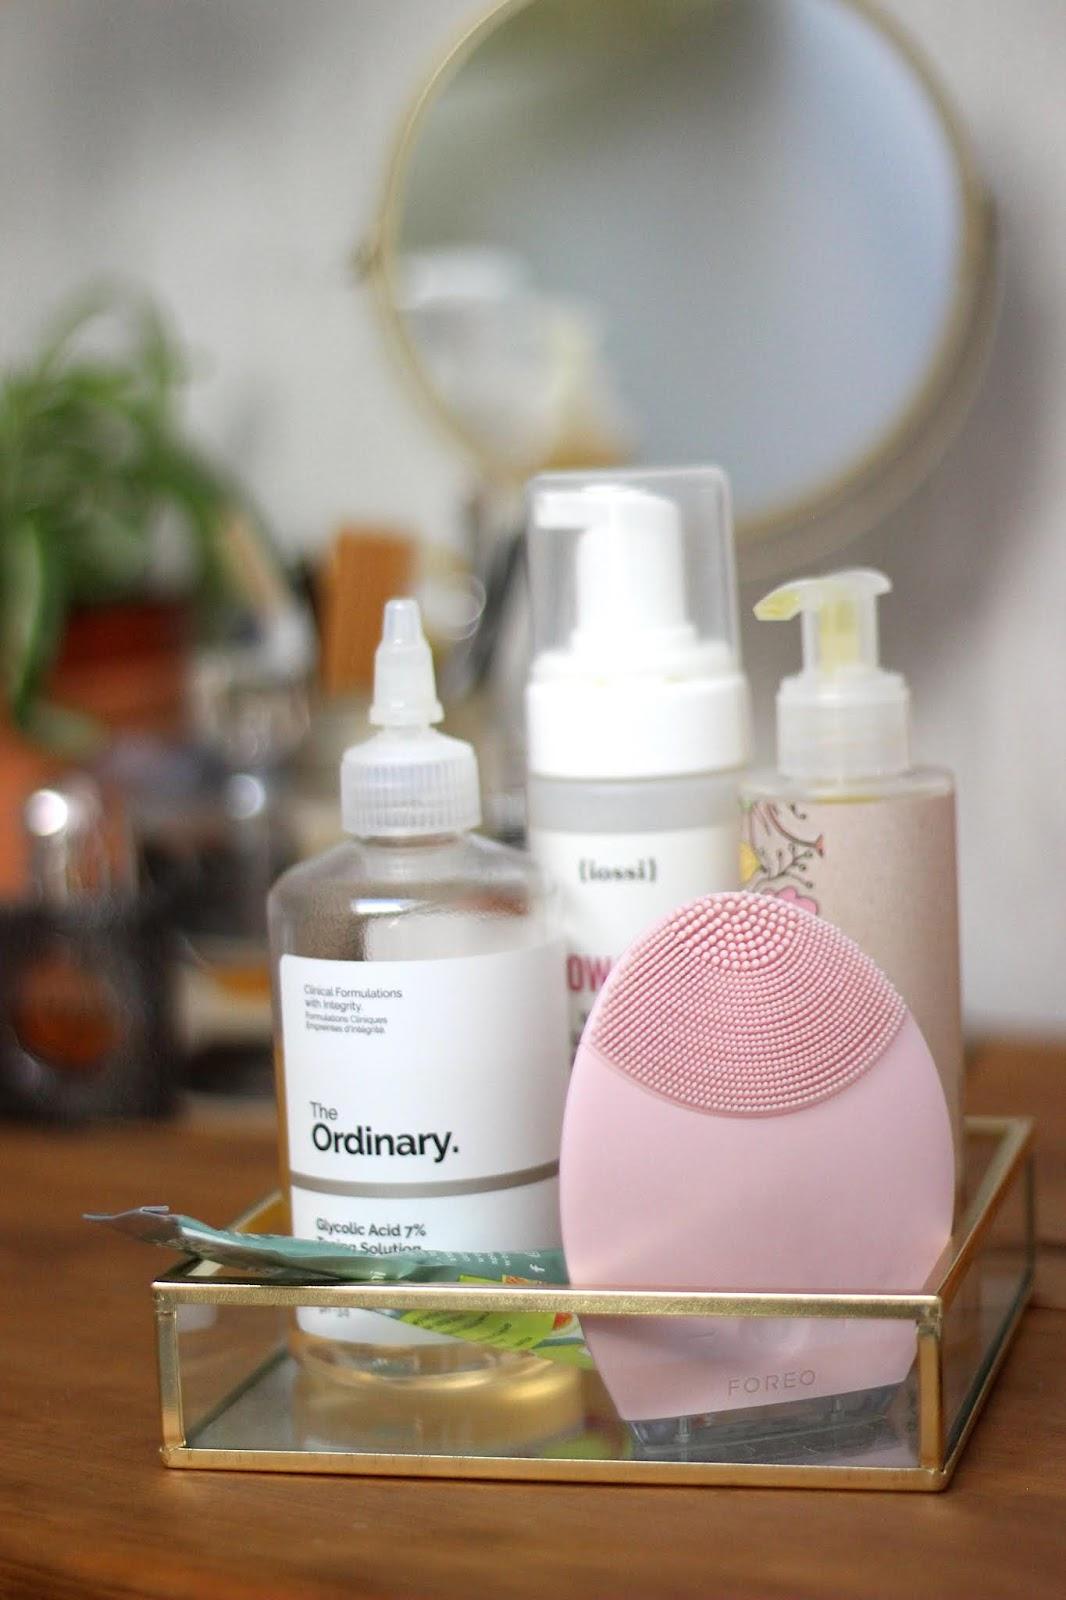 Moje pucowanie skóry, czyli ulubione kosmetyki do oczyszczania